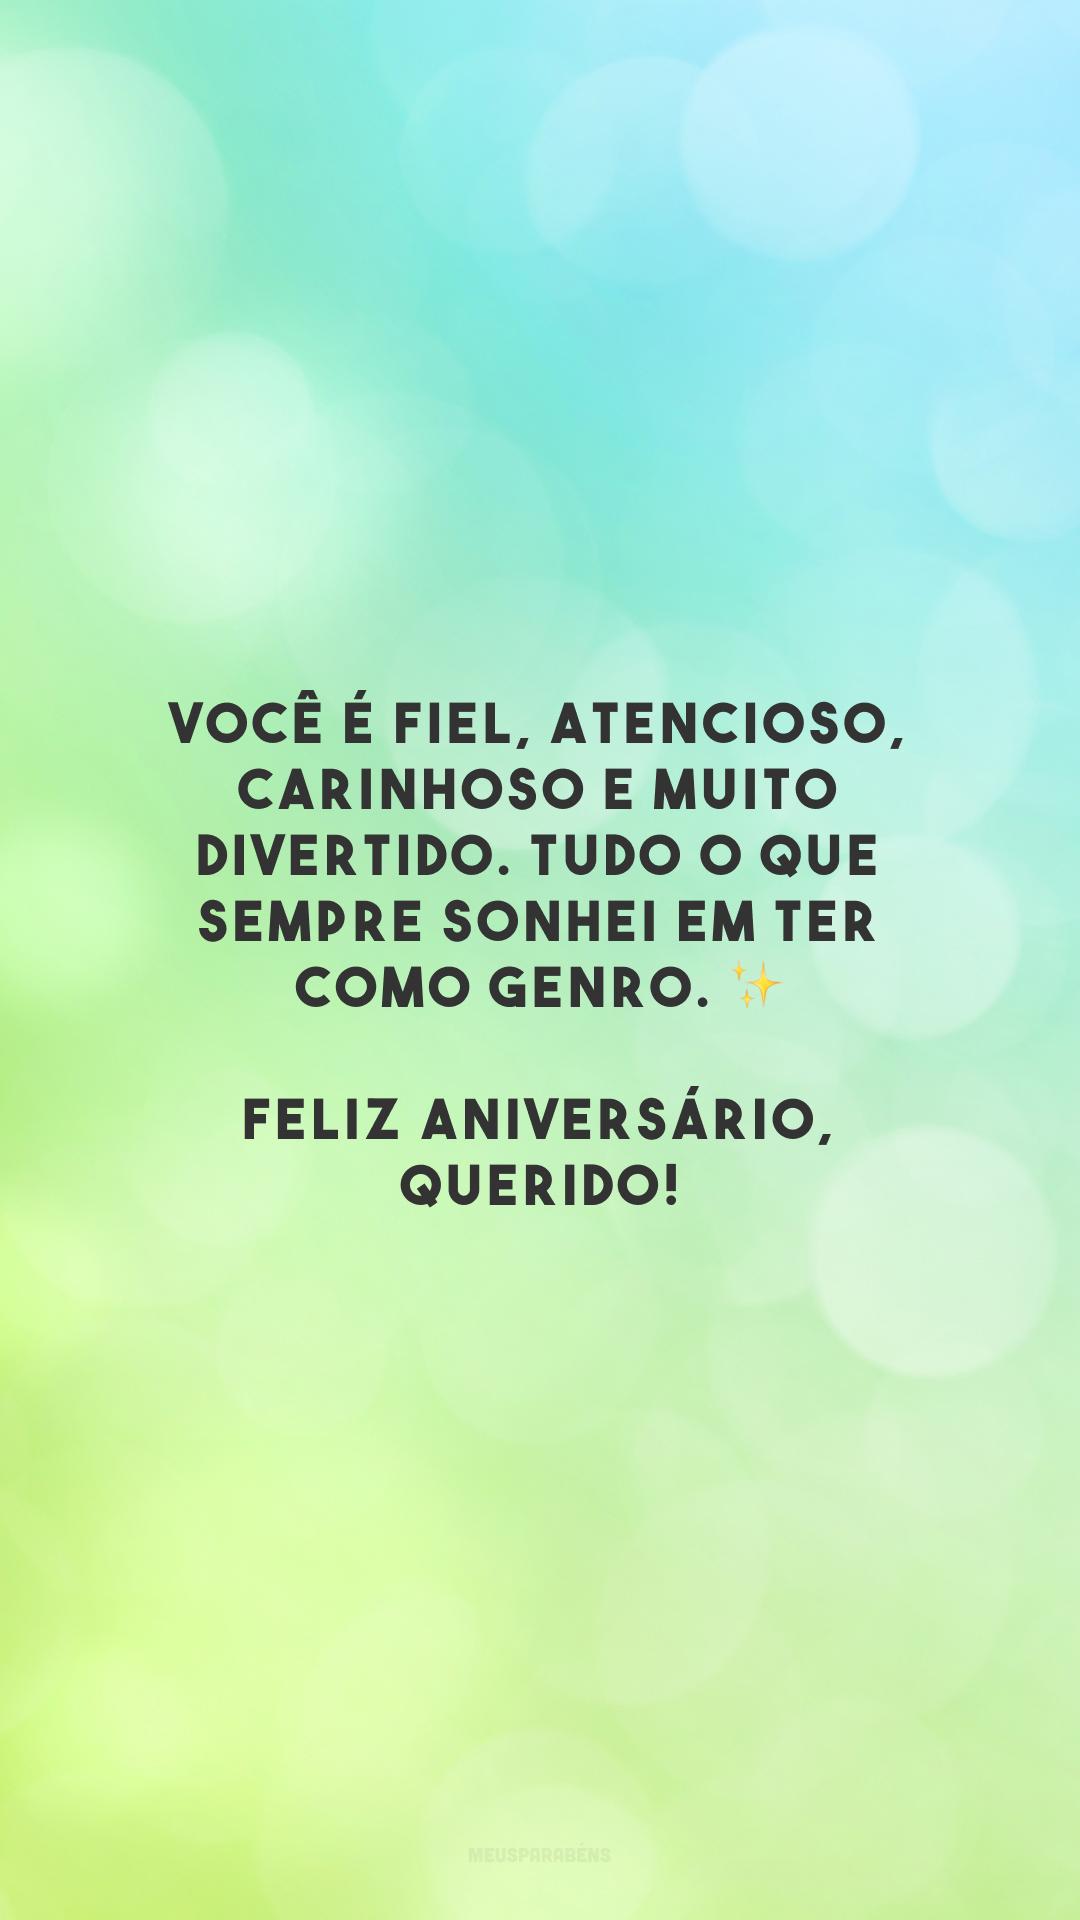 Você é fiel, atencioso, carinhoso e muito divertido. Tudo o que sempre sonhei em ter como genro. ✨ Feliz aniversário, querido!